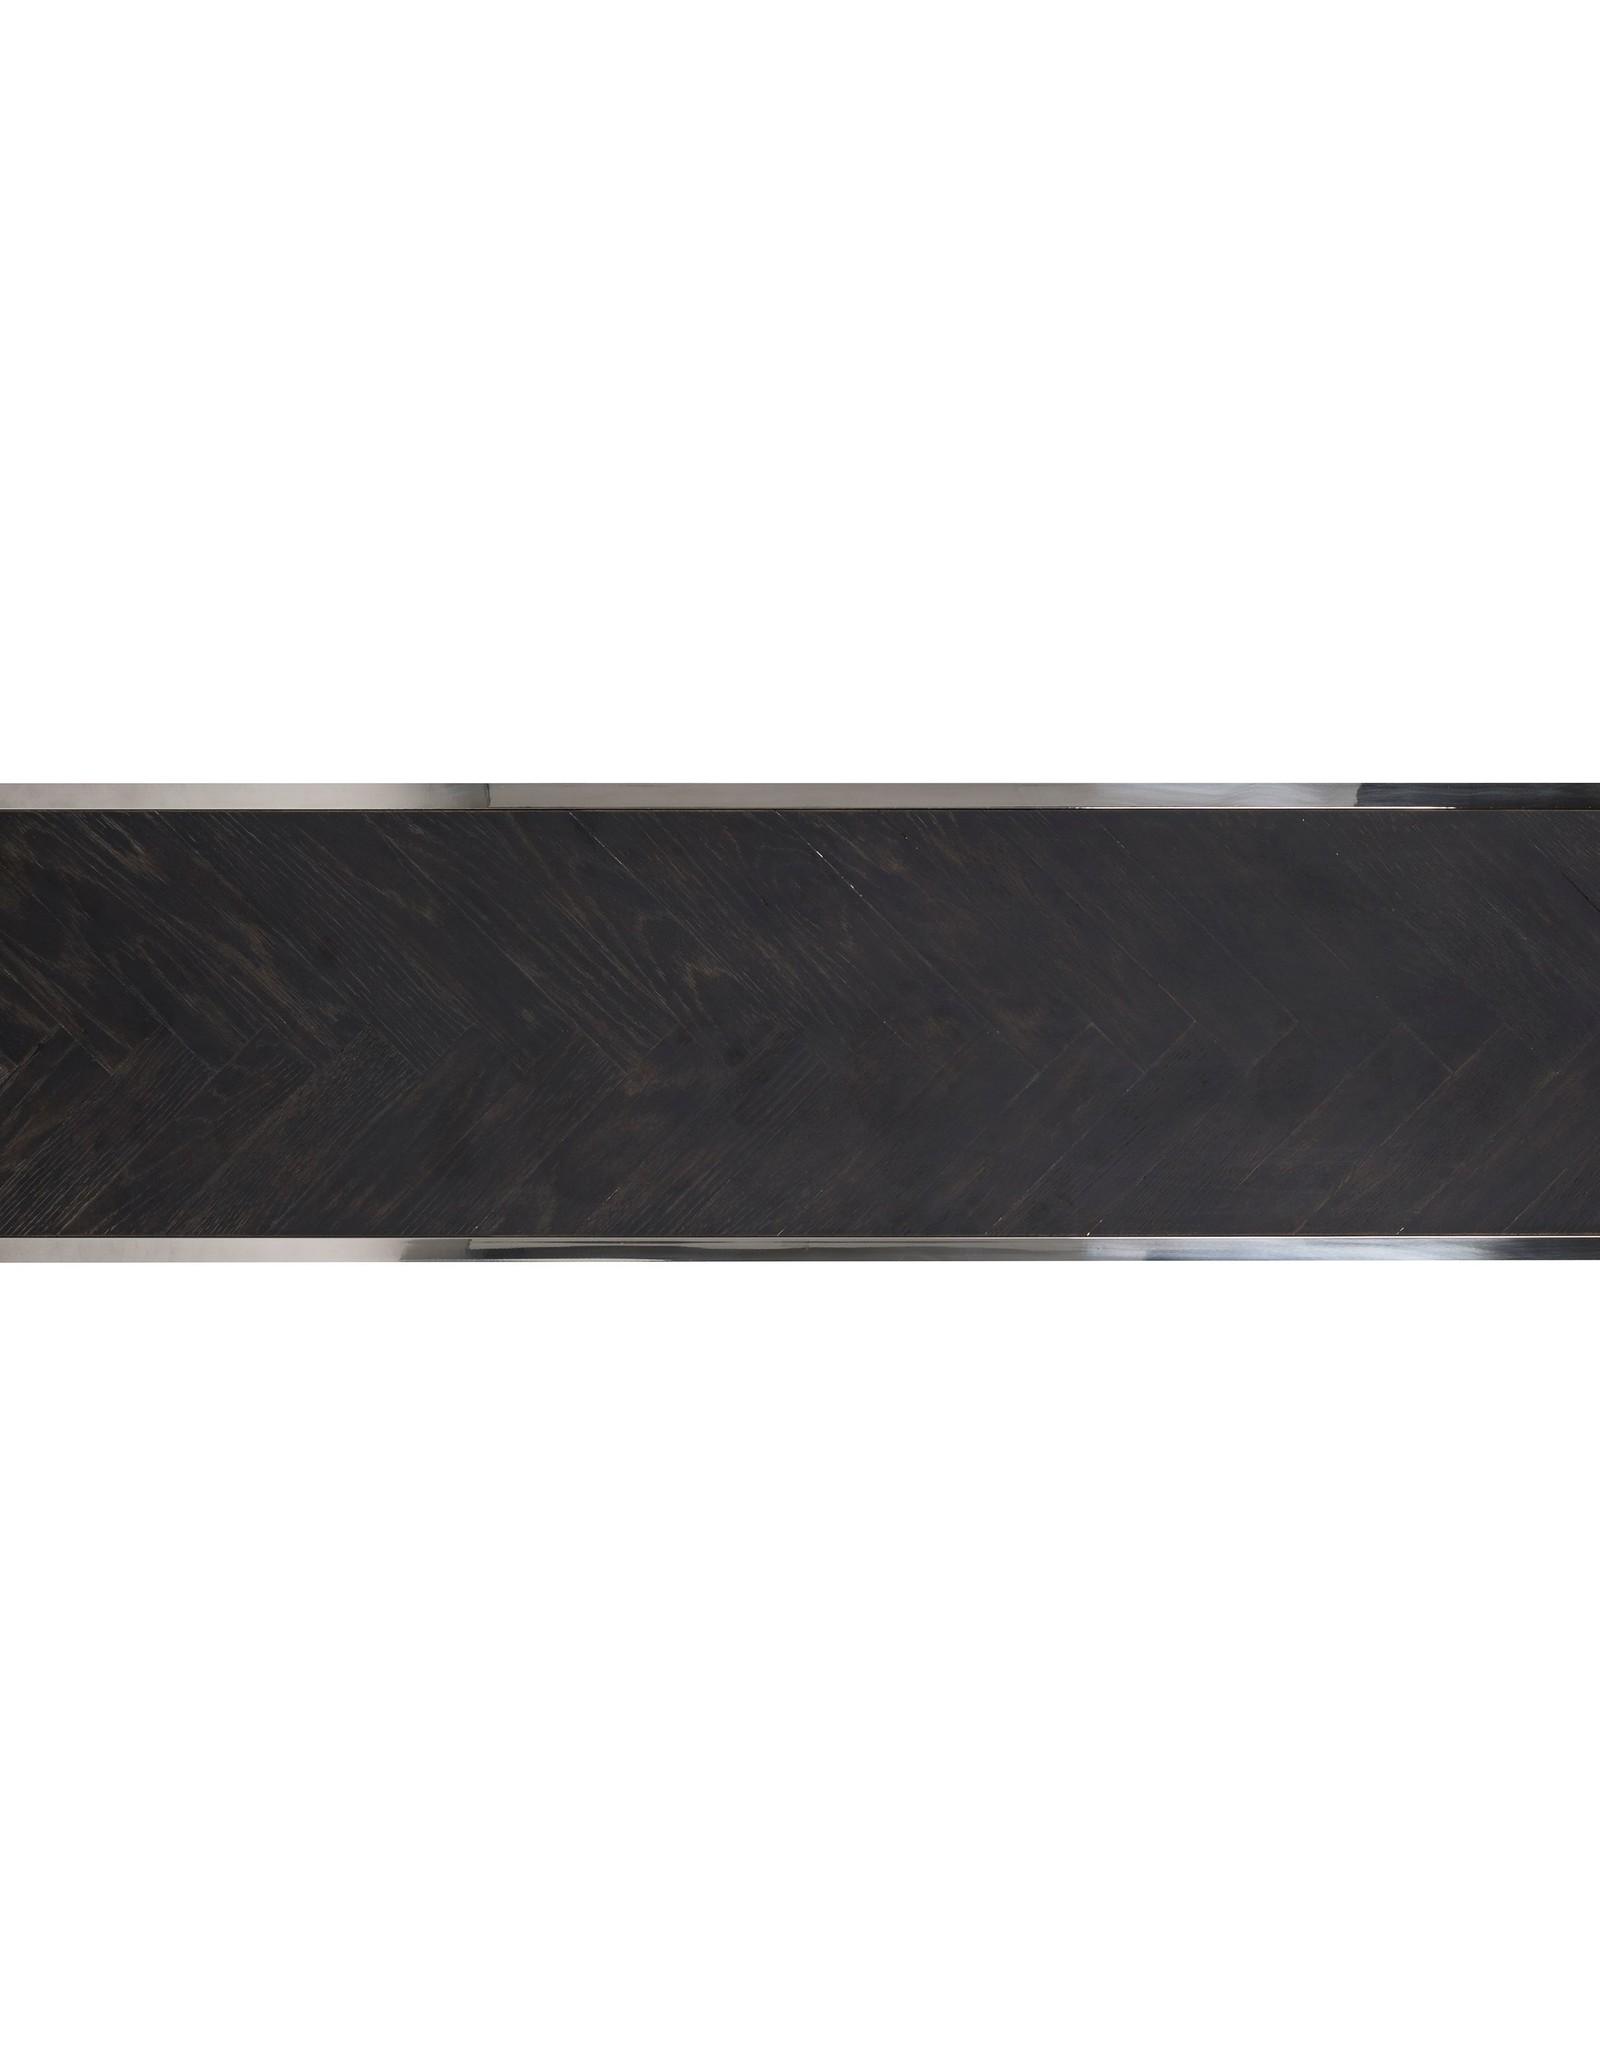 Richmond Interiors TV-dressoir Blackbone zilver